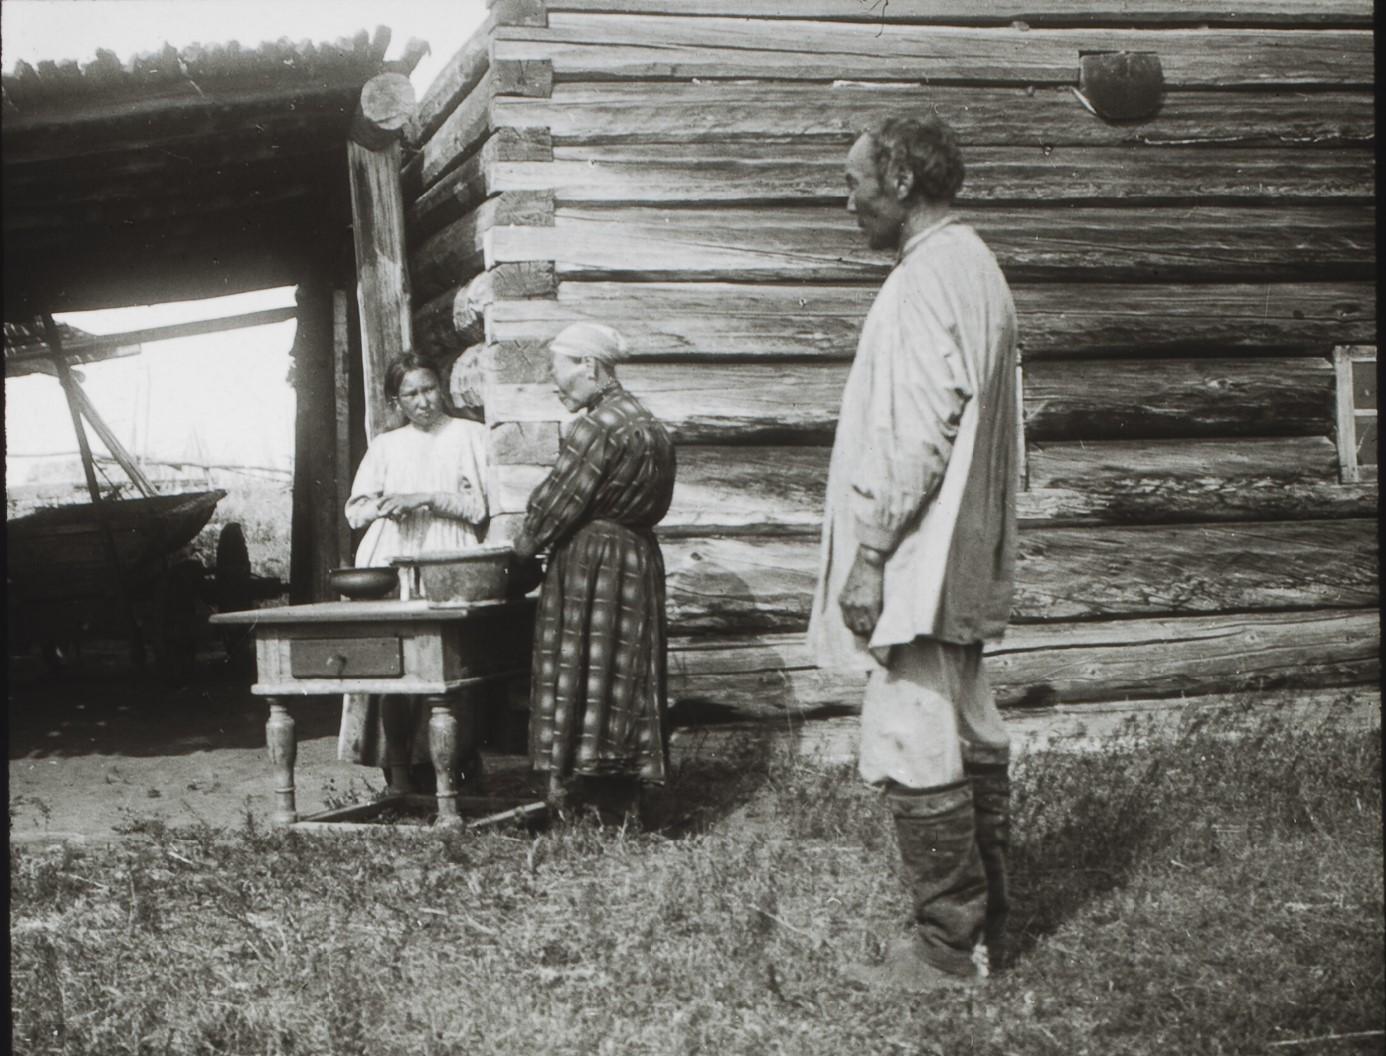 Якутская область. Окрестности Якутска. Семья цивилизованных якутов